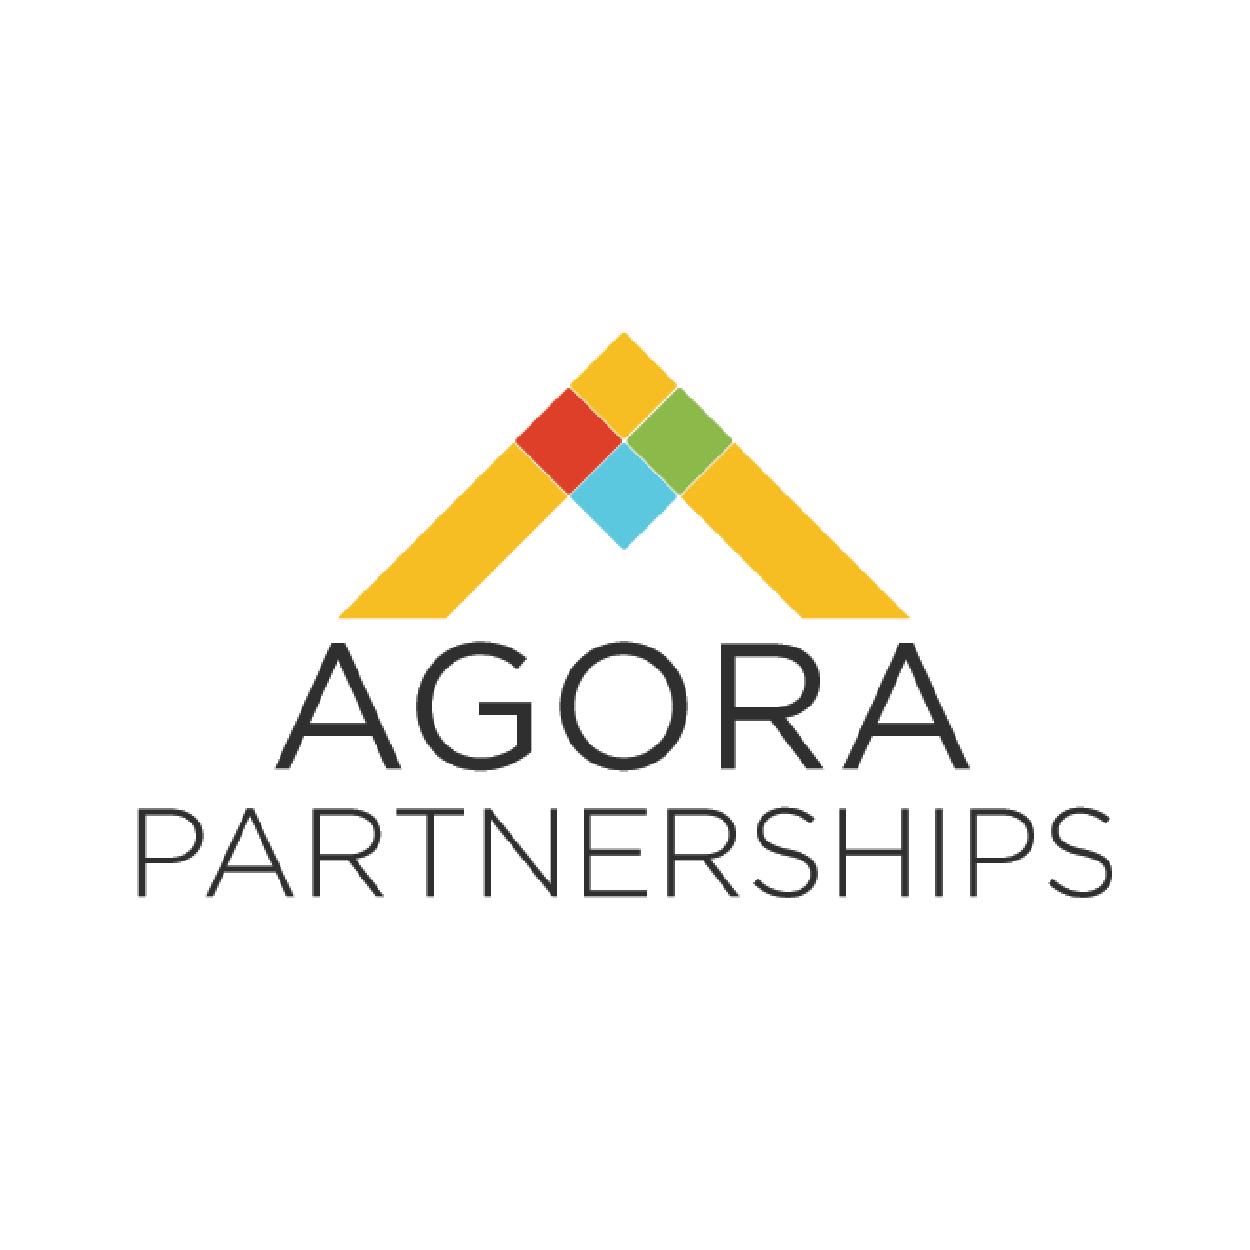 agora_partnerships.png